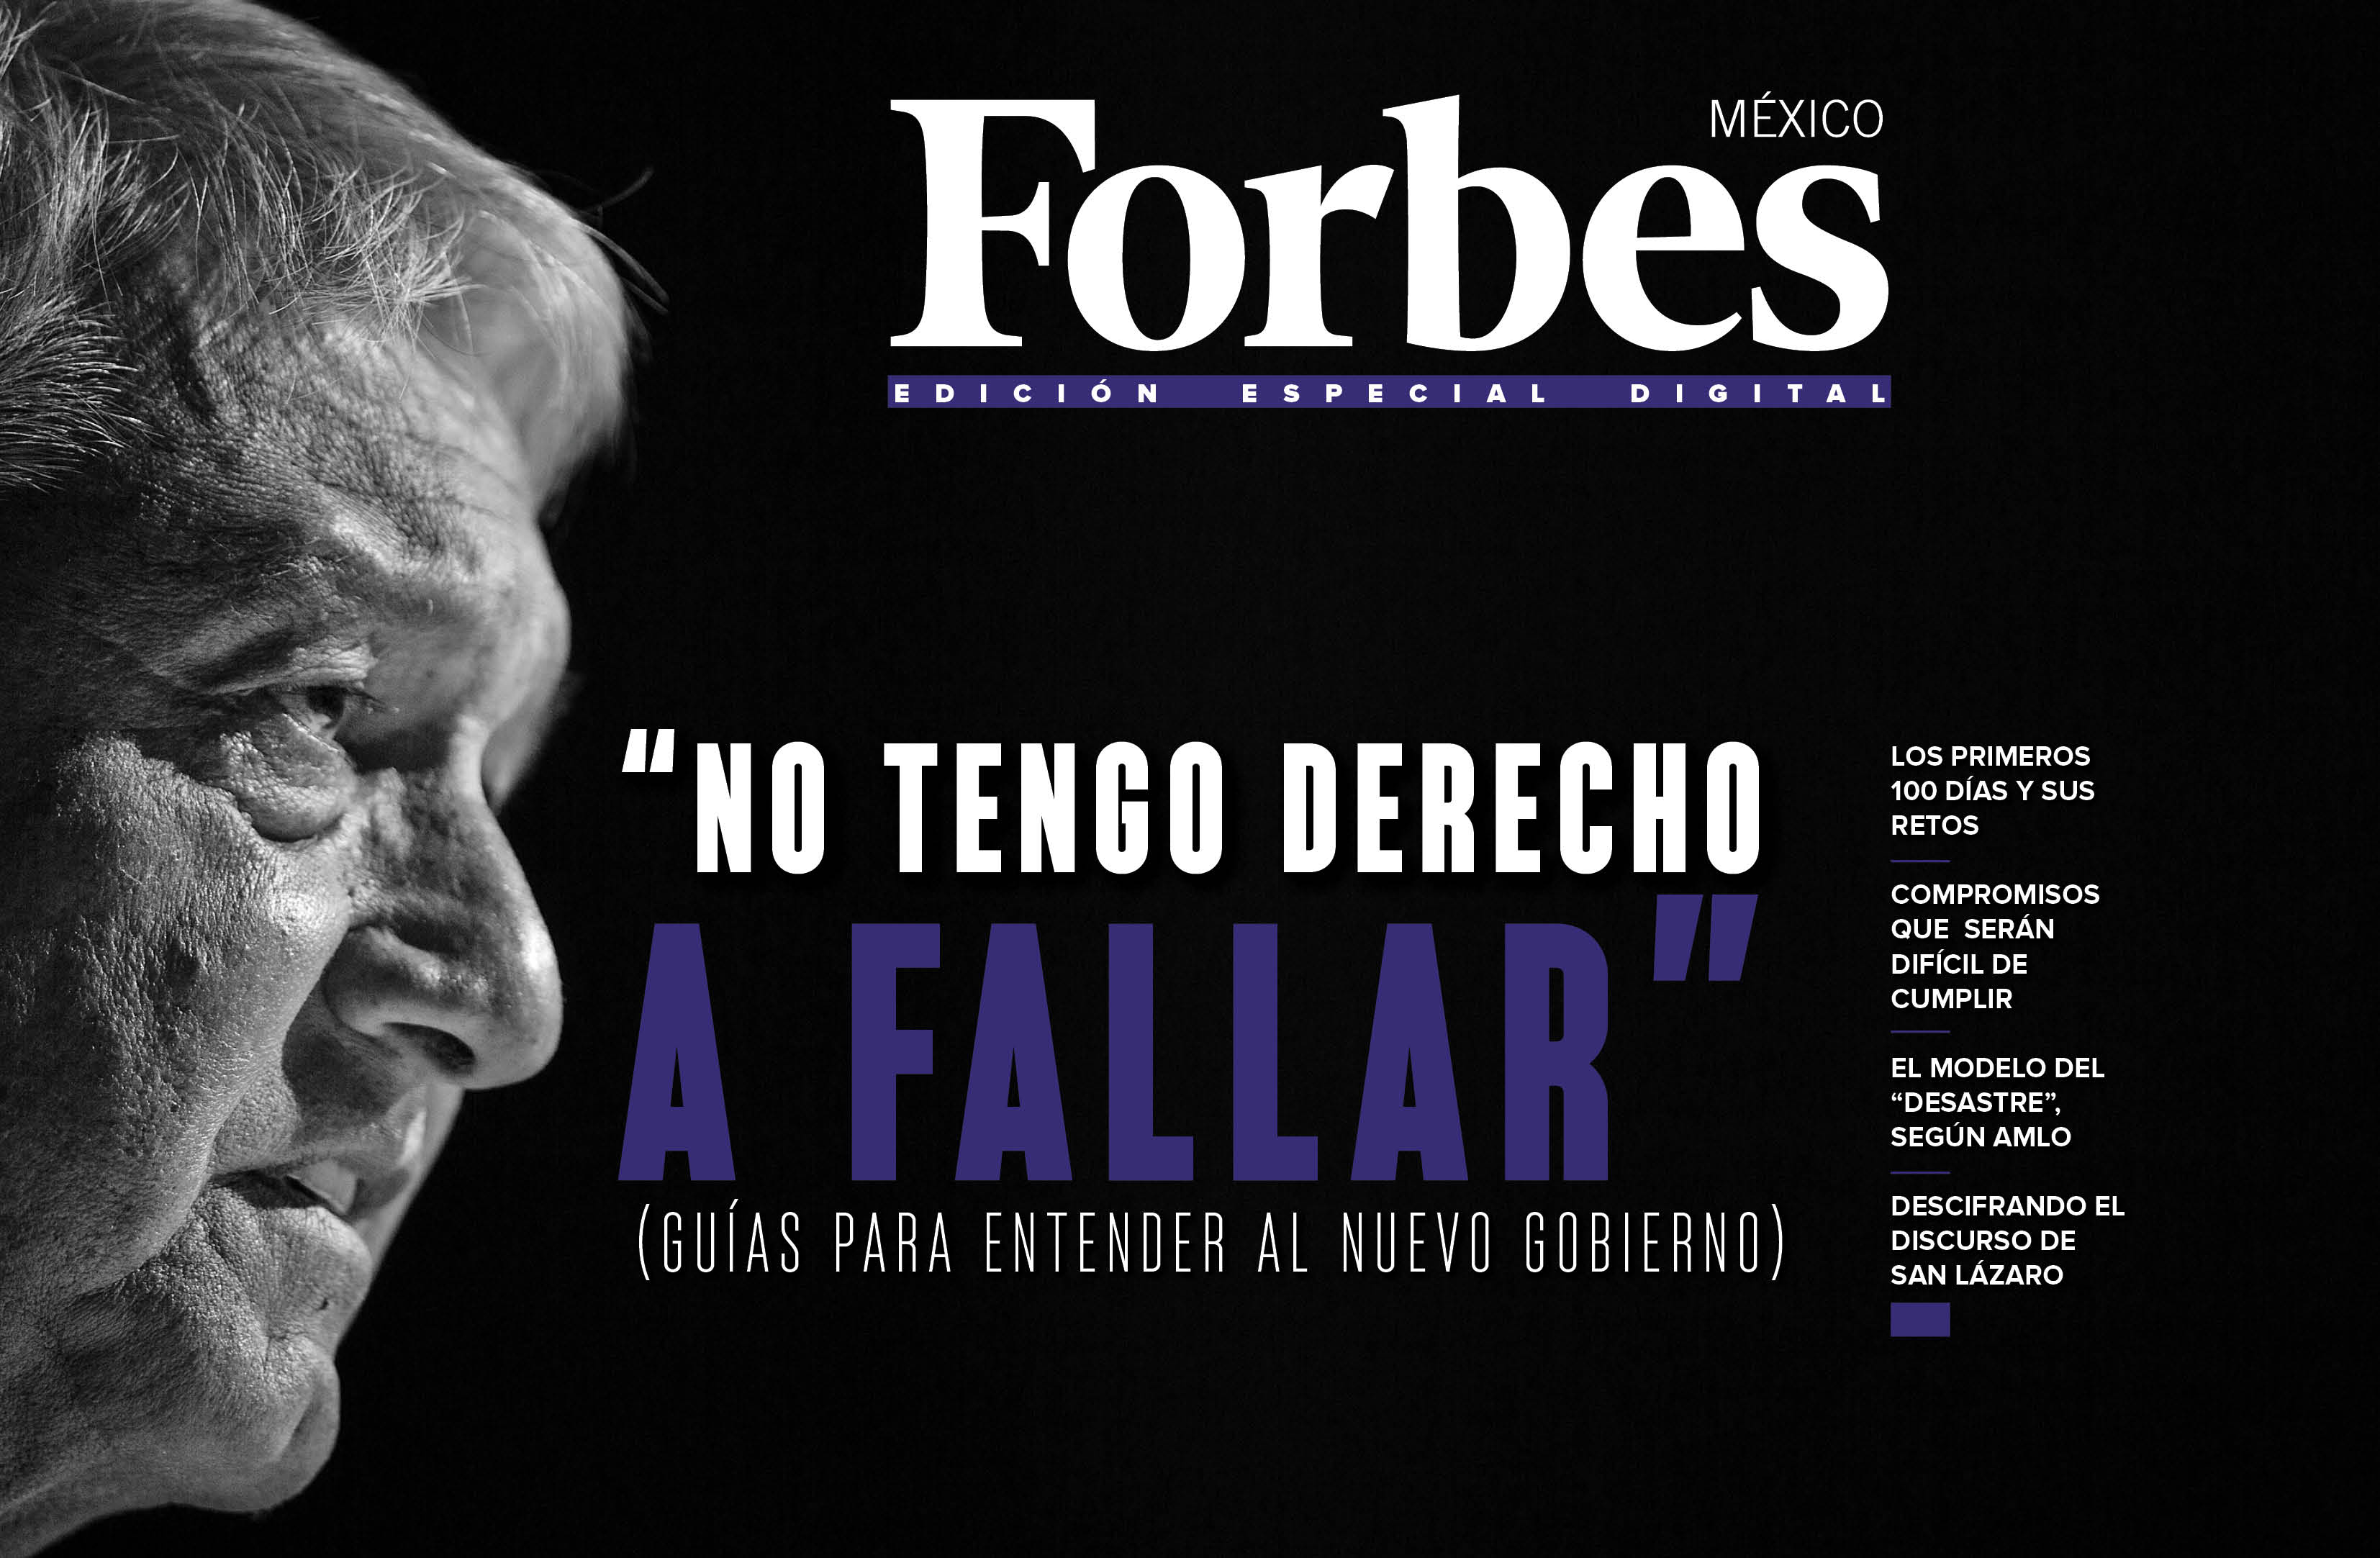 Edición especial digital | No tengo derecho a fallar: López Obrador